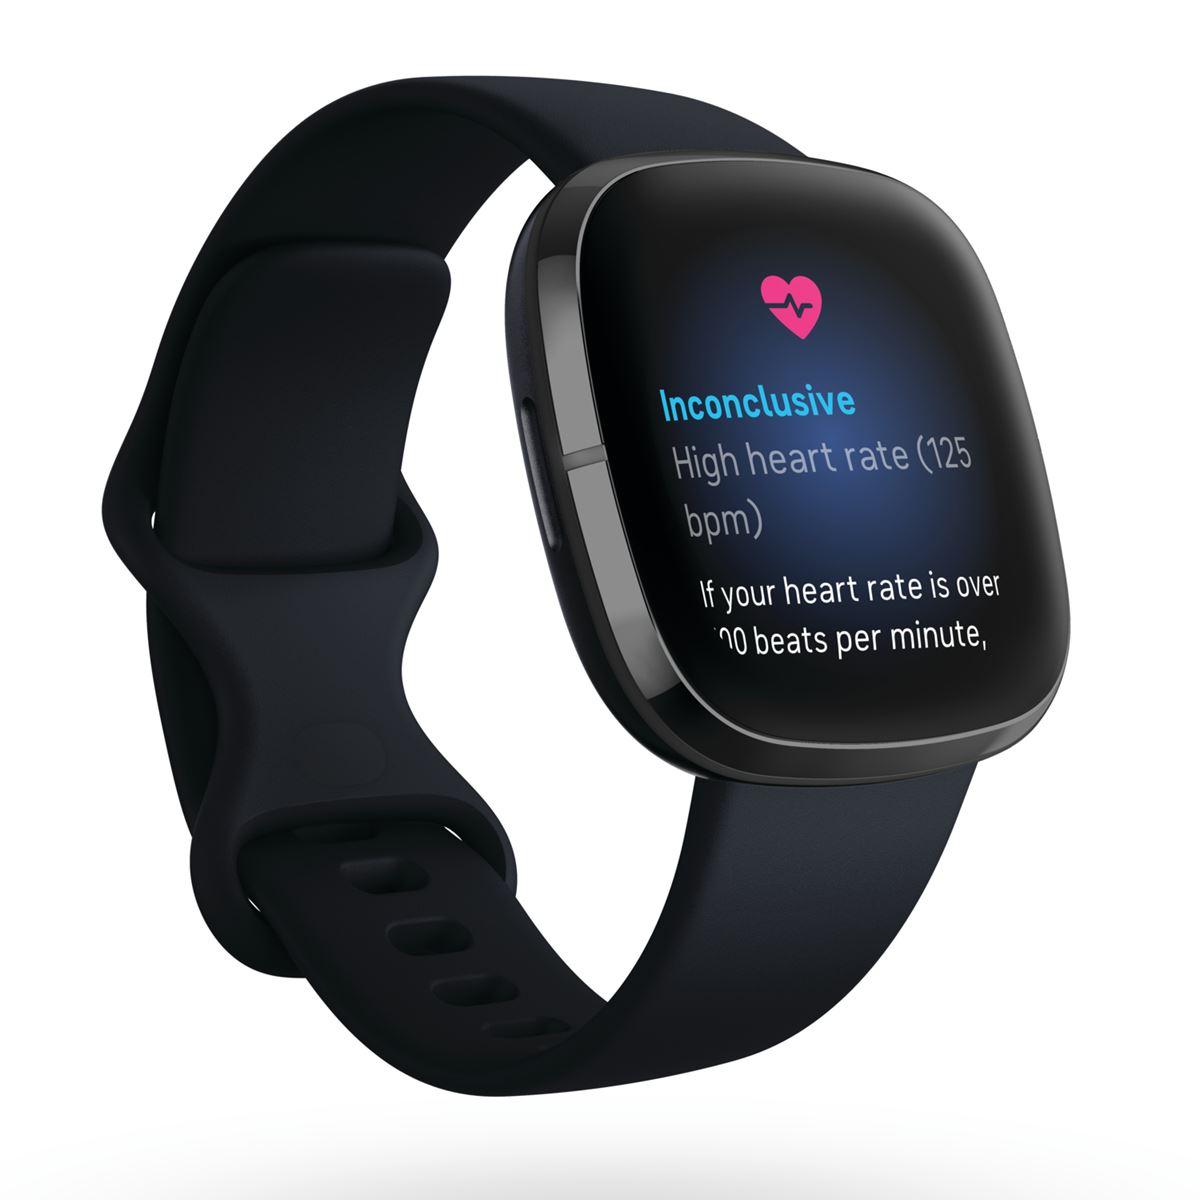 fitbit フィットビット Sense センス フィットネス スマートウォッチ ウェアラブル端末 腕時計 カーボン/グラファイト ステンレススチール FB512BKBK-FRCJK